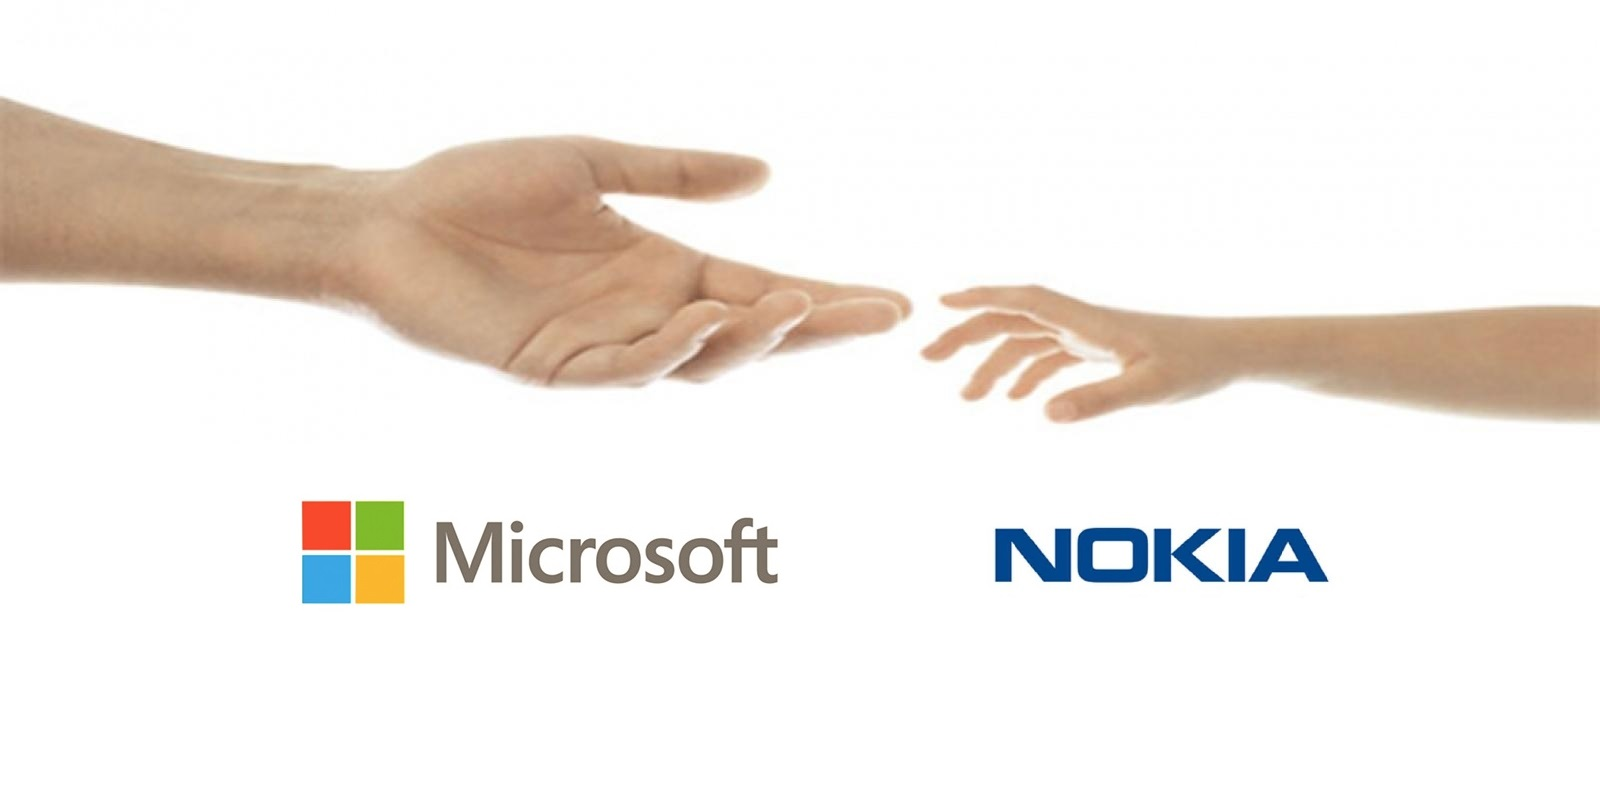 A Nokia lançará um smartphone com Windows 10 Mobile? Veja o que nos leva a essa pergunta: